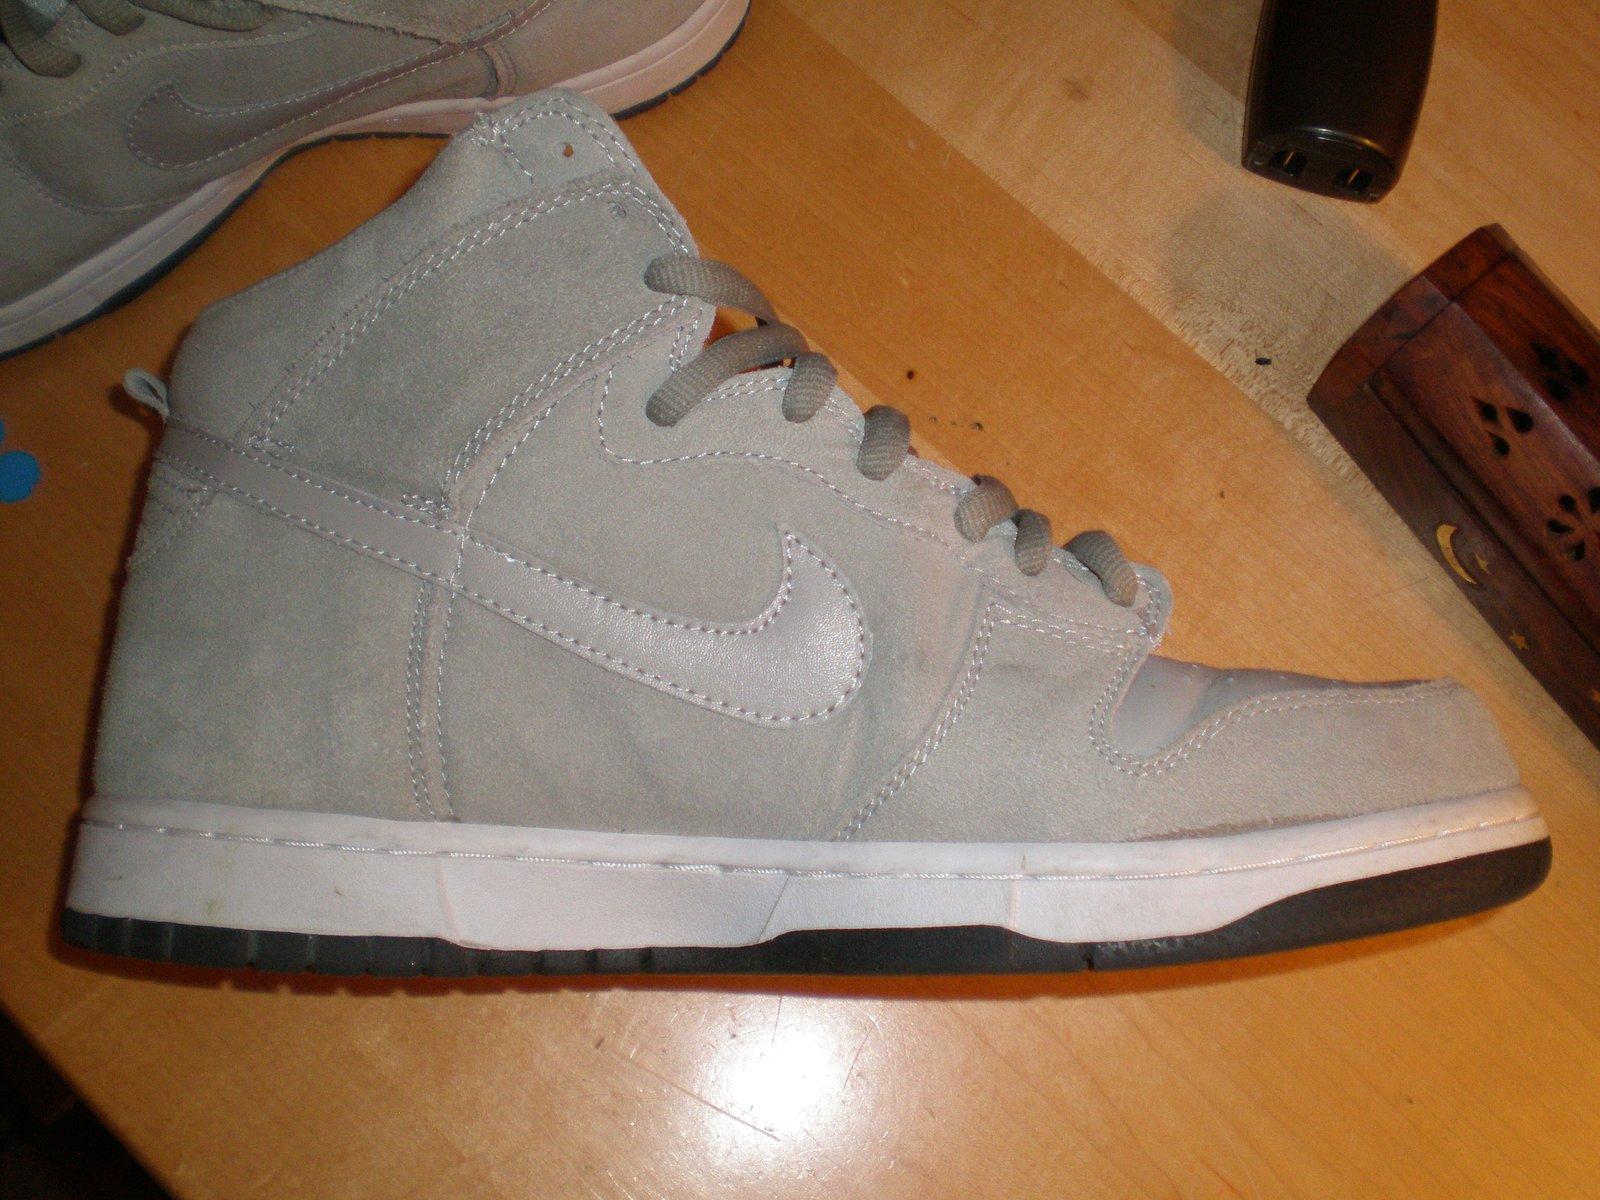 Nikes 4